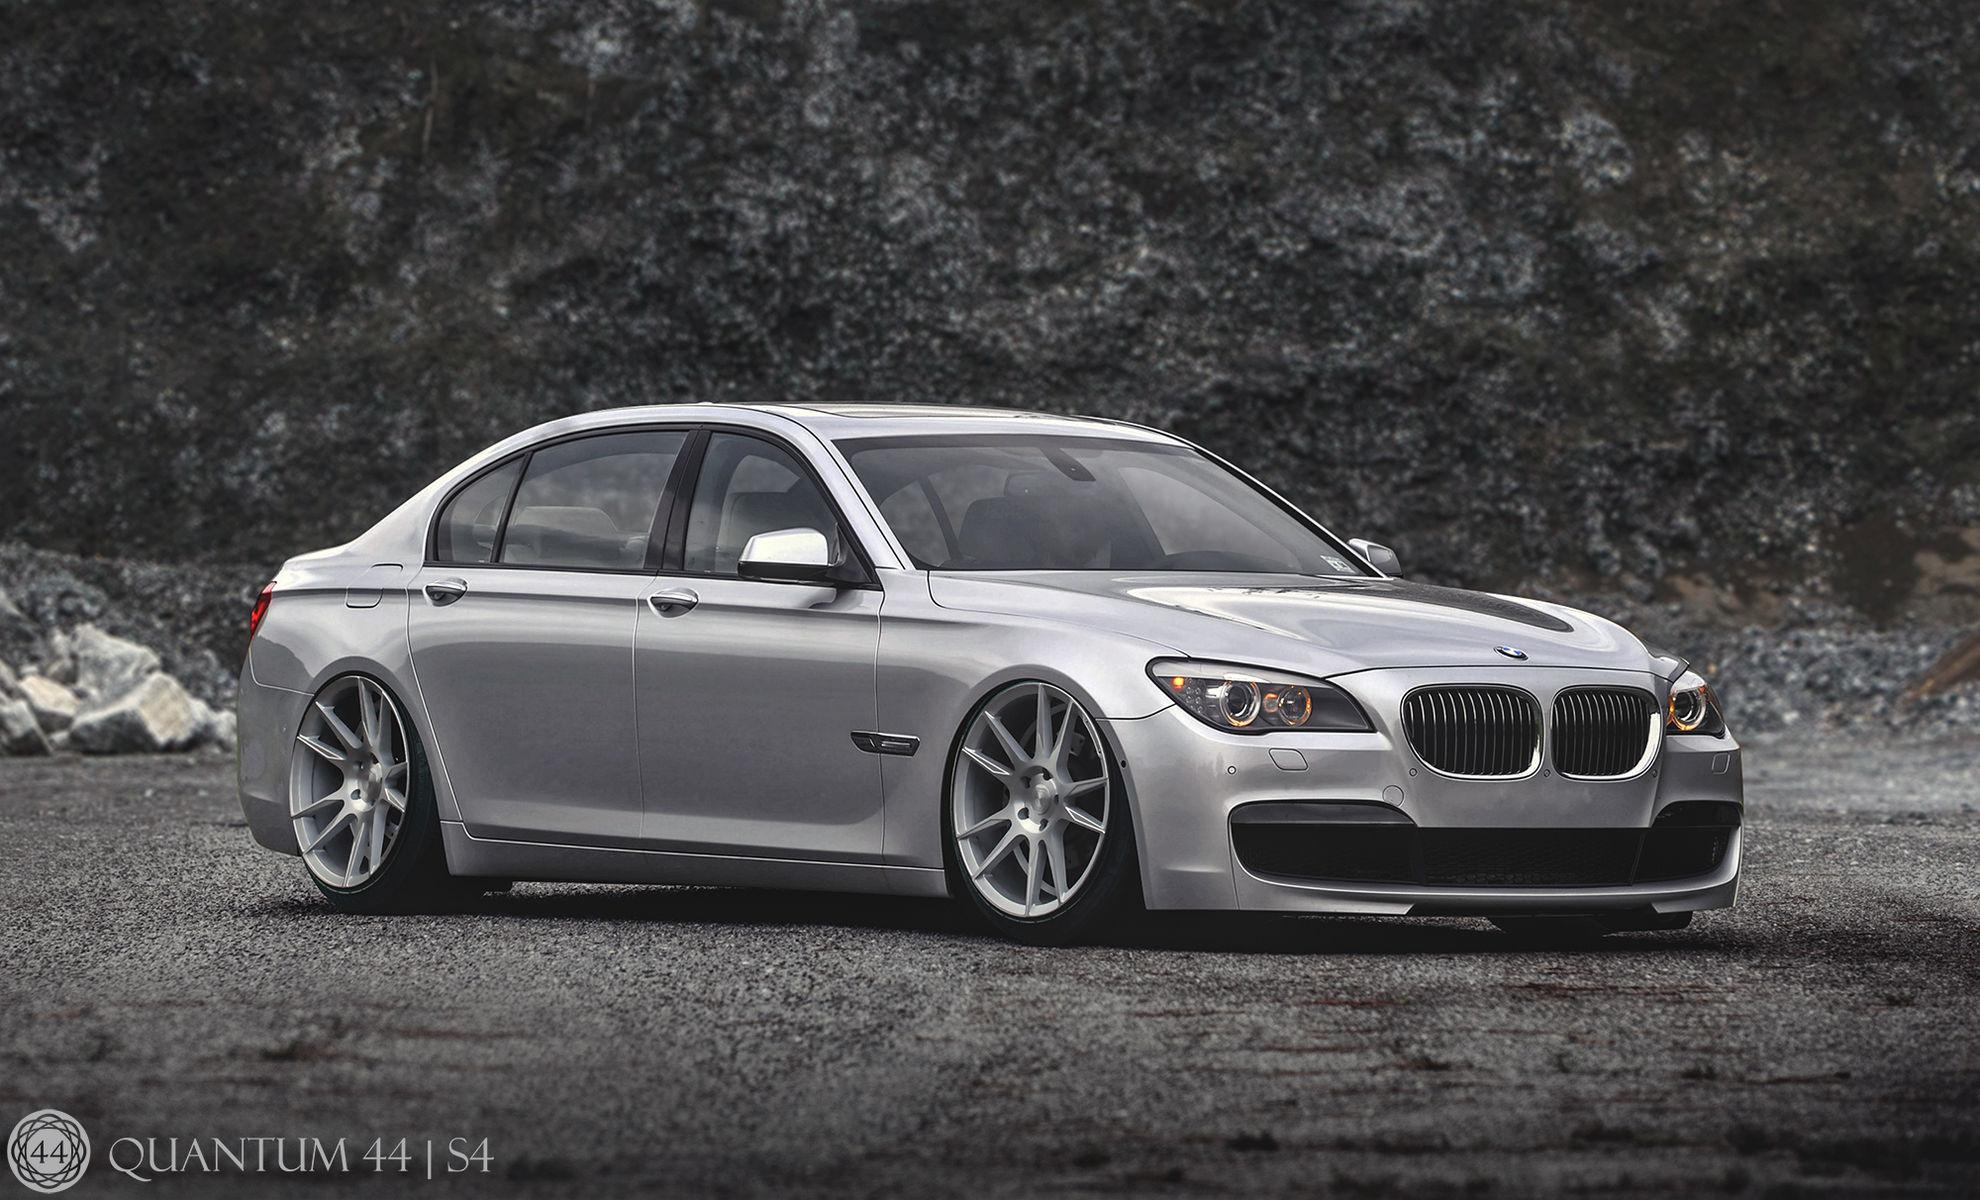 BMW 7 Series | BMW 740li - Quantum44 S4